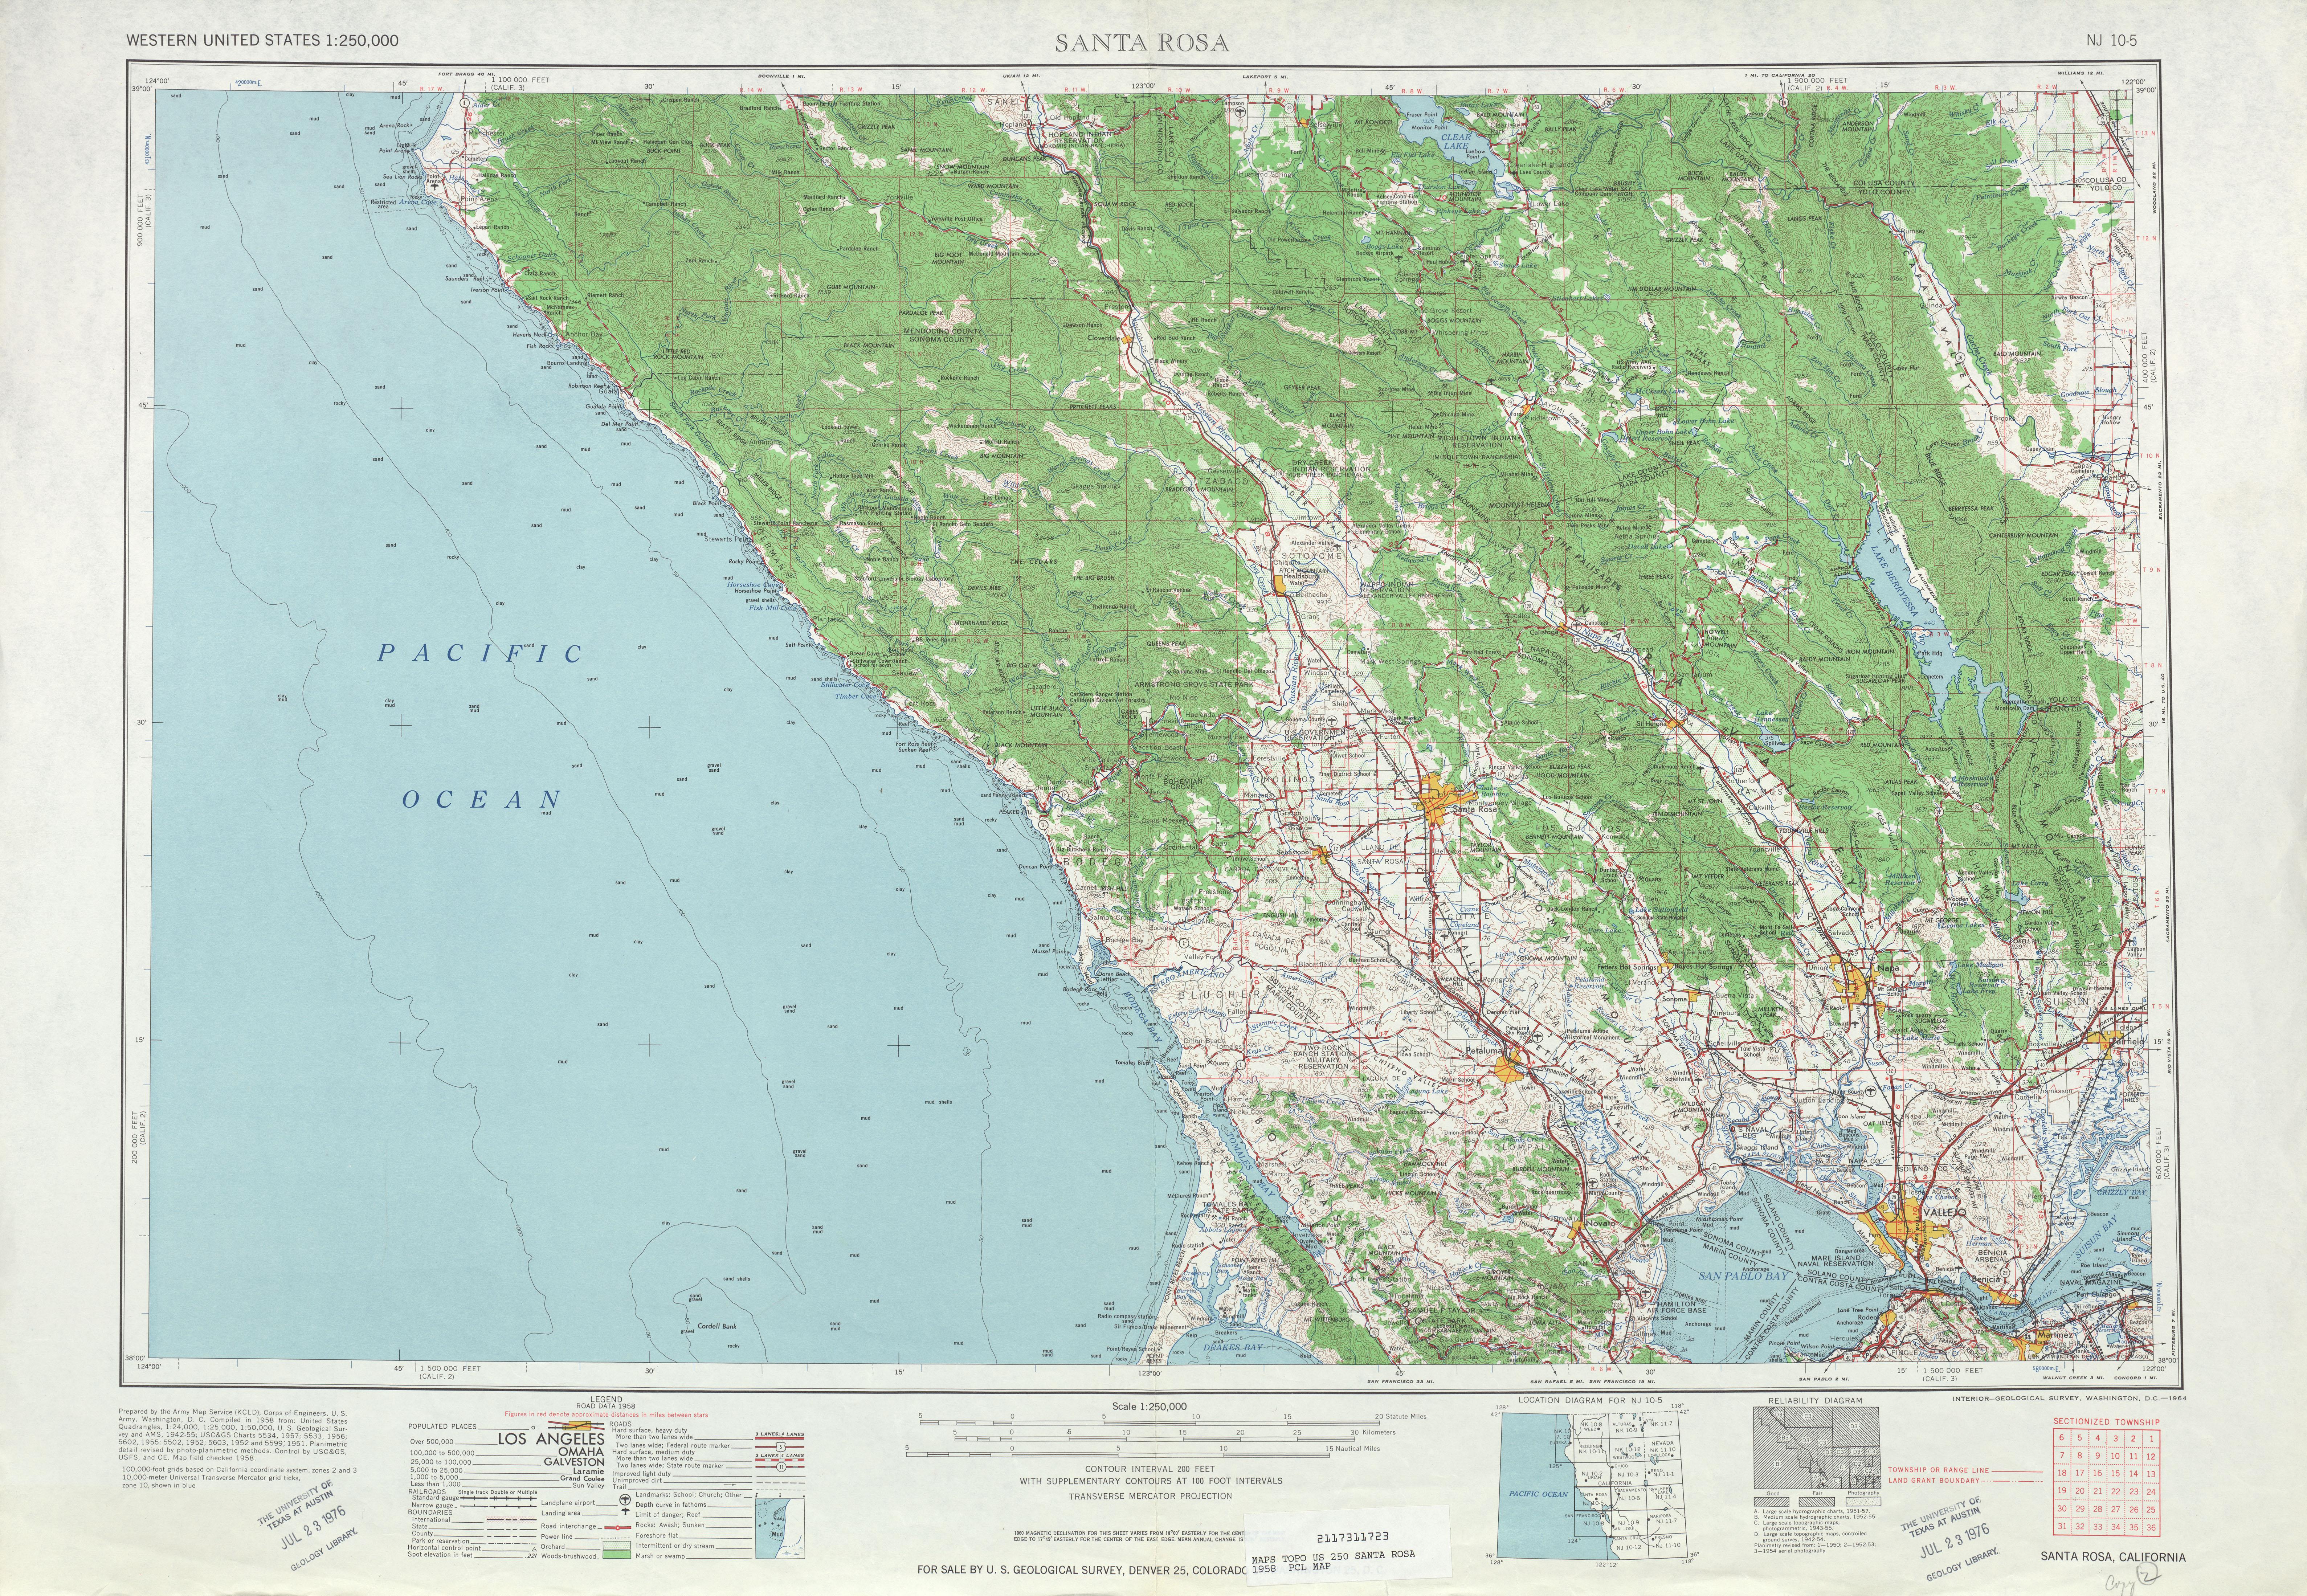 Hoja Santa Rosa del Mapa Topográfico de los Estados Unidos 1958